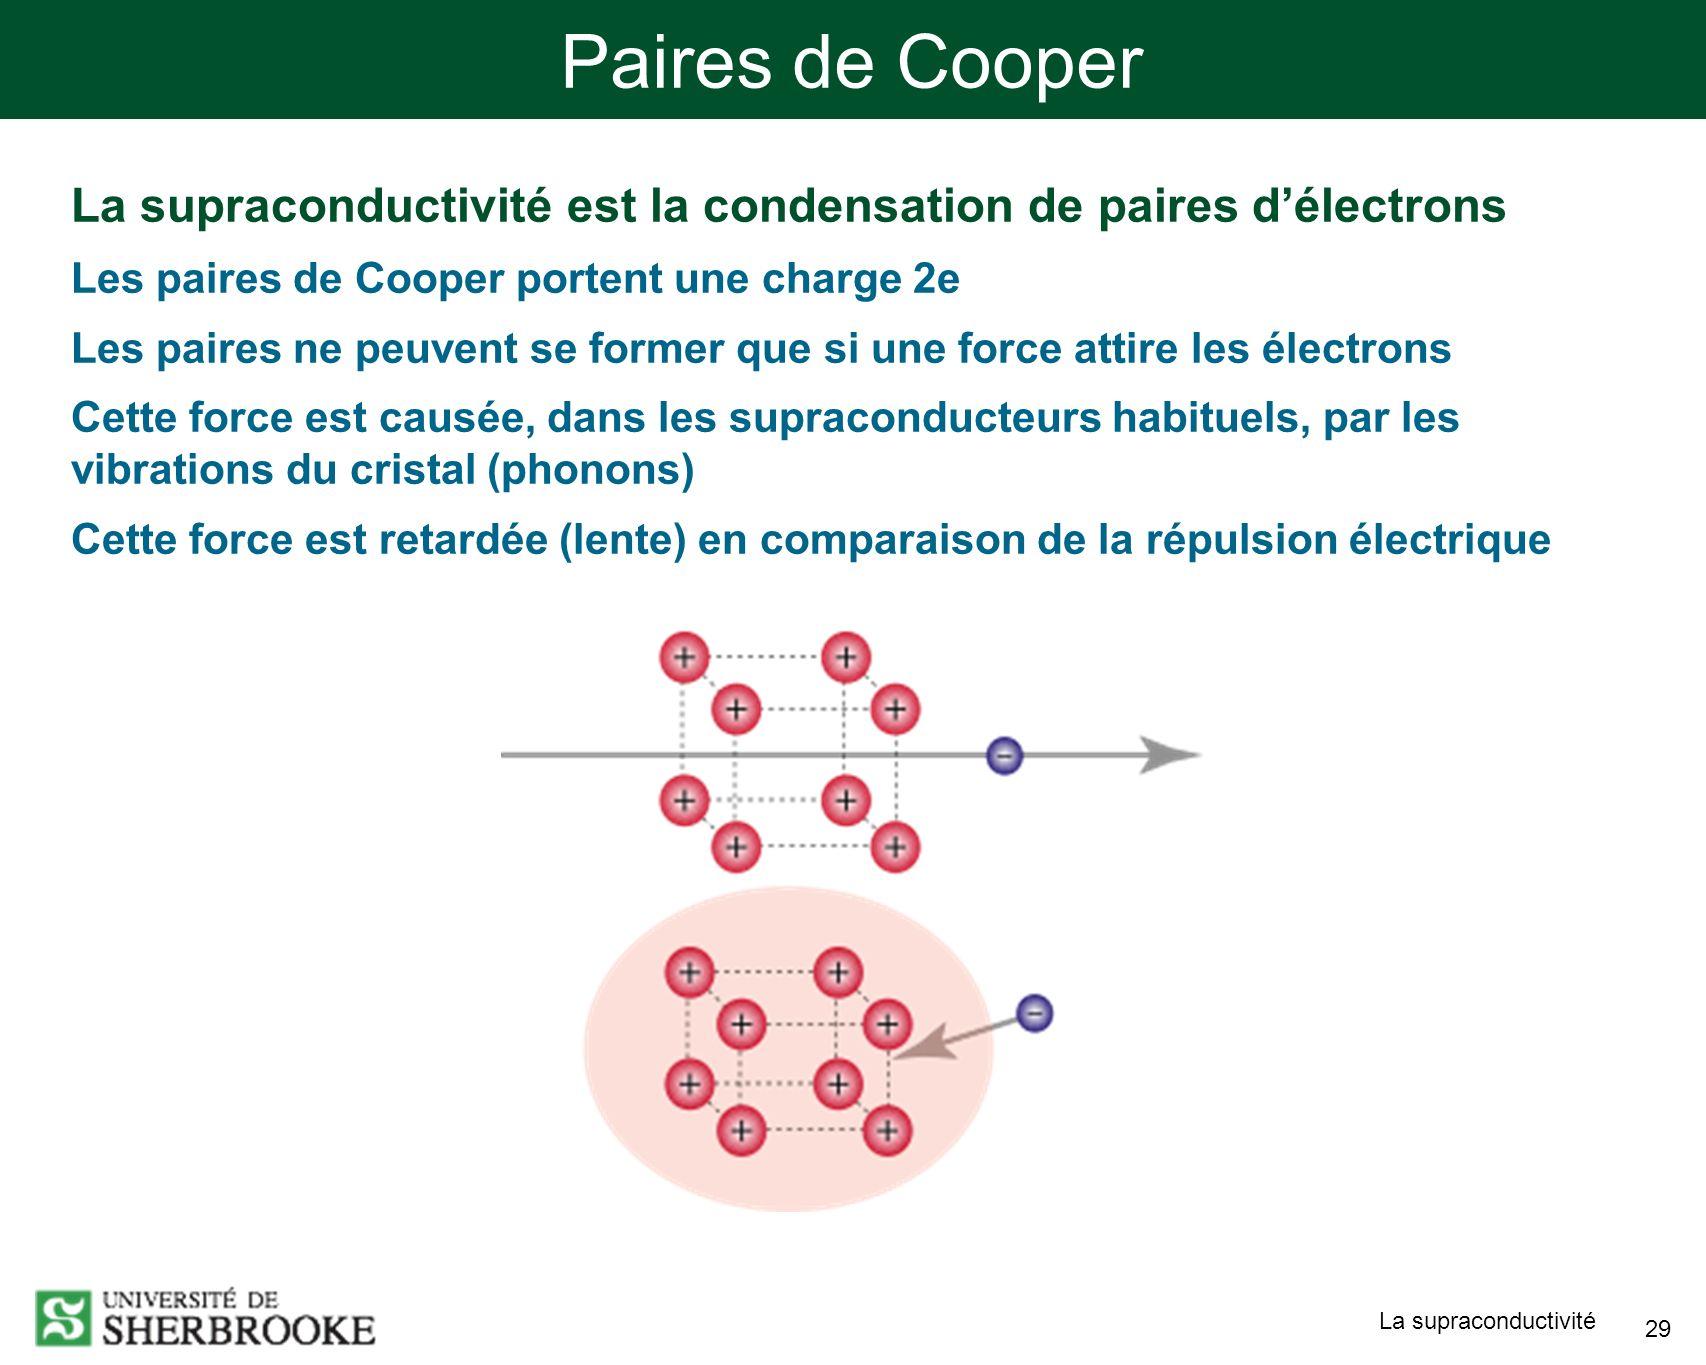 La supraconductivité 29 Paires de Cooper La supraconductivité est la condensation de paires délectrons Les paires de Cooper portent une charge 2e Les paires ne peuvent se former que si une force attire les électrons Cette force est causée, dans les supraconducteurs habituels, par les vibrations du cristal (phonons) Cette force est retardée (lente) en comparaison de la répulsion électrique